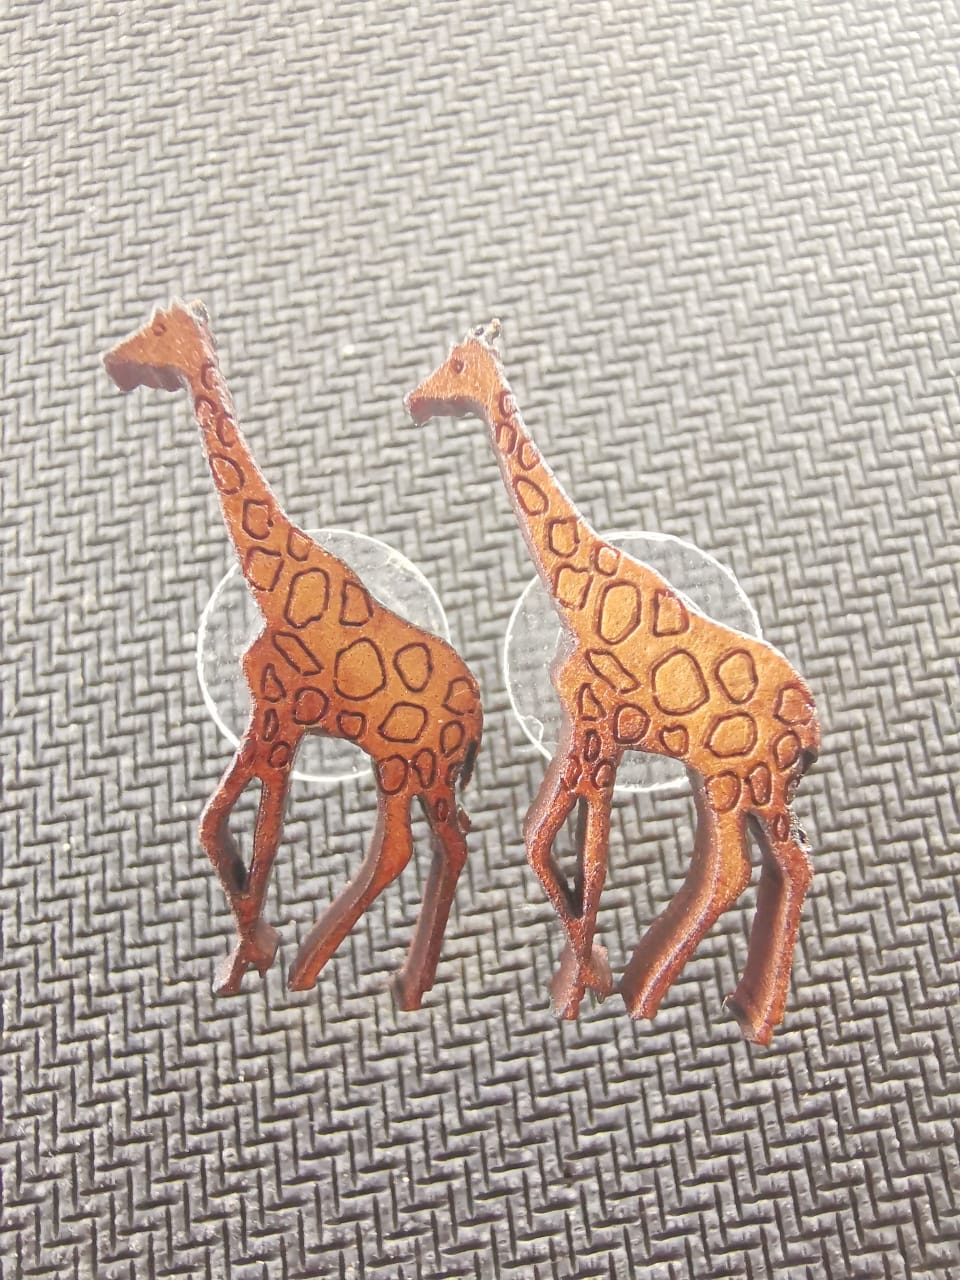 Wild themed earrings